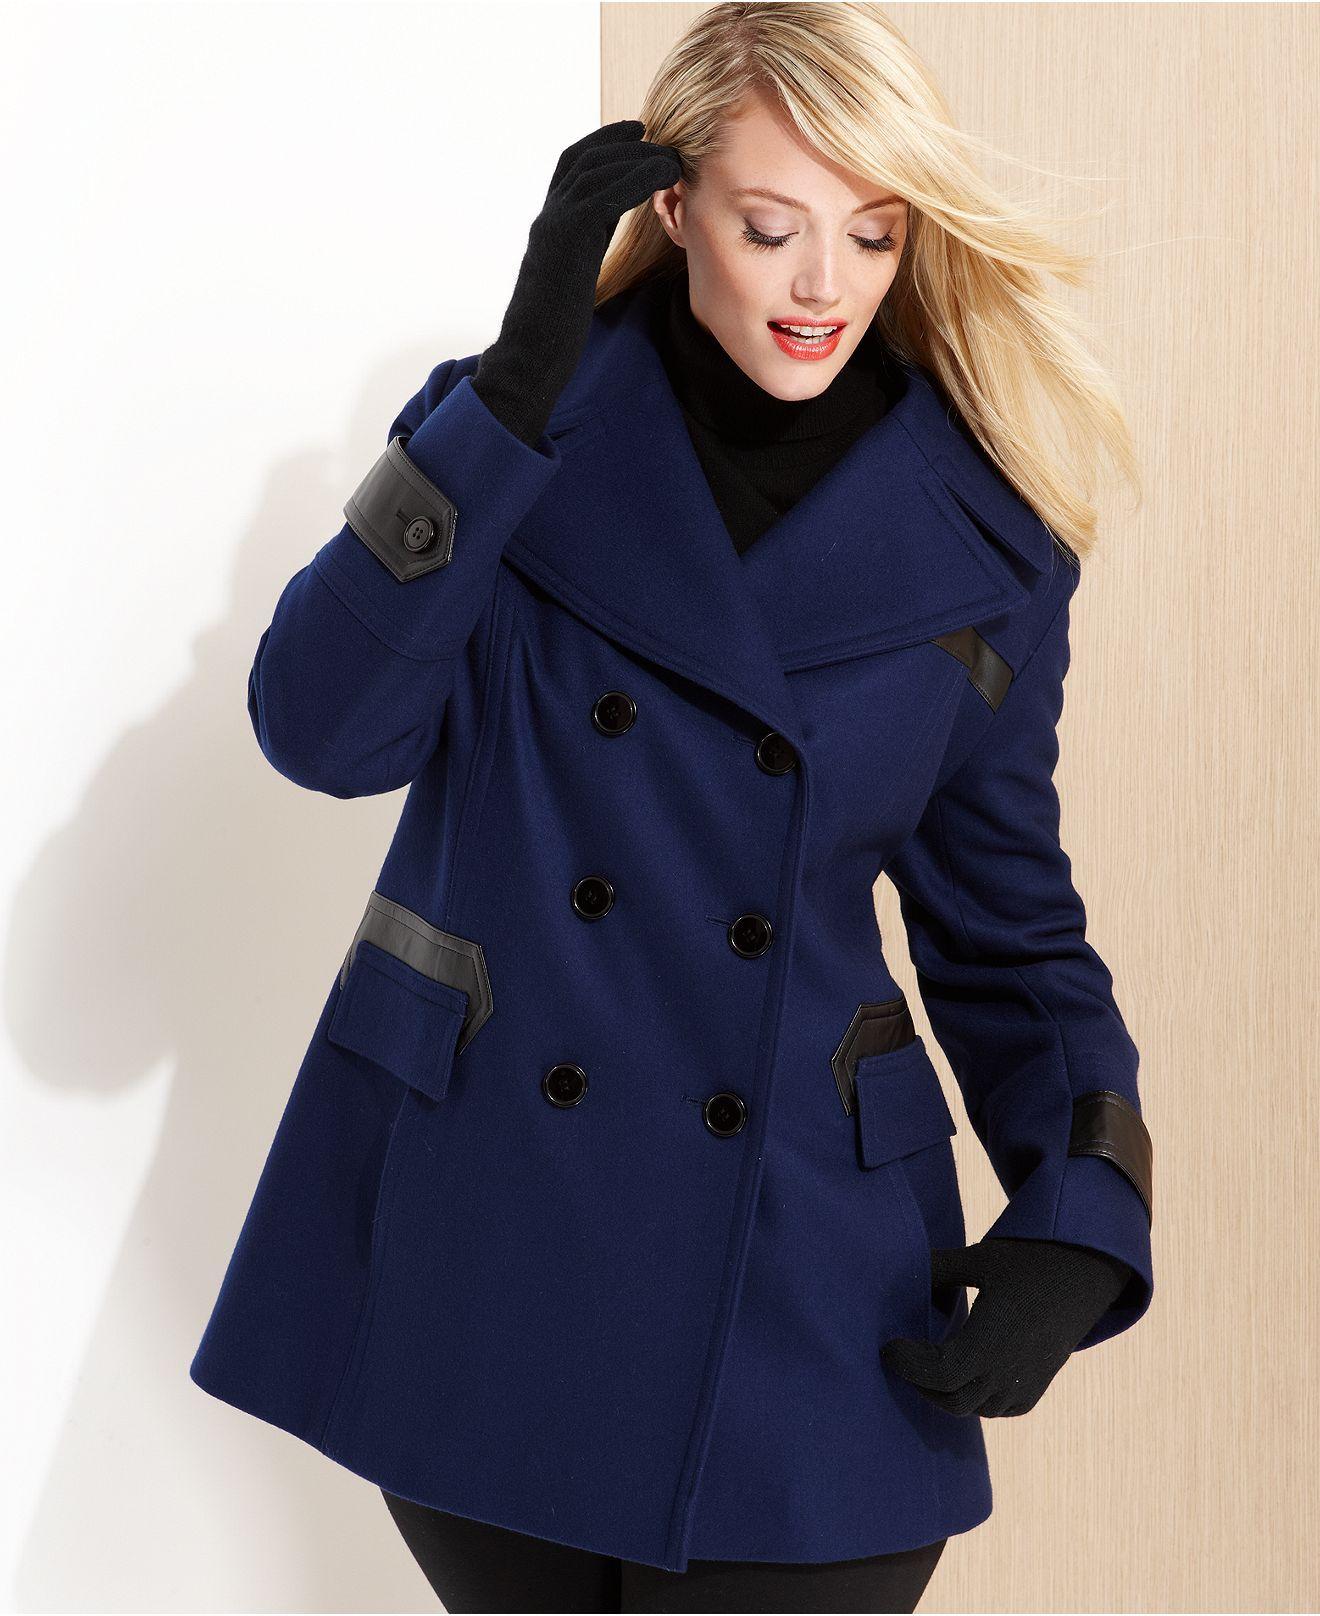 52746b61996 Via Spiga Plus Size Coat